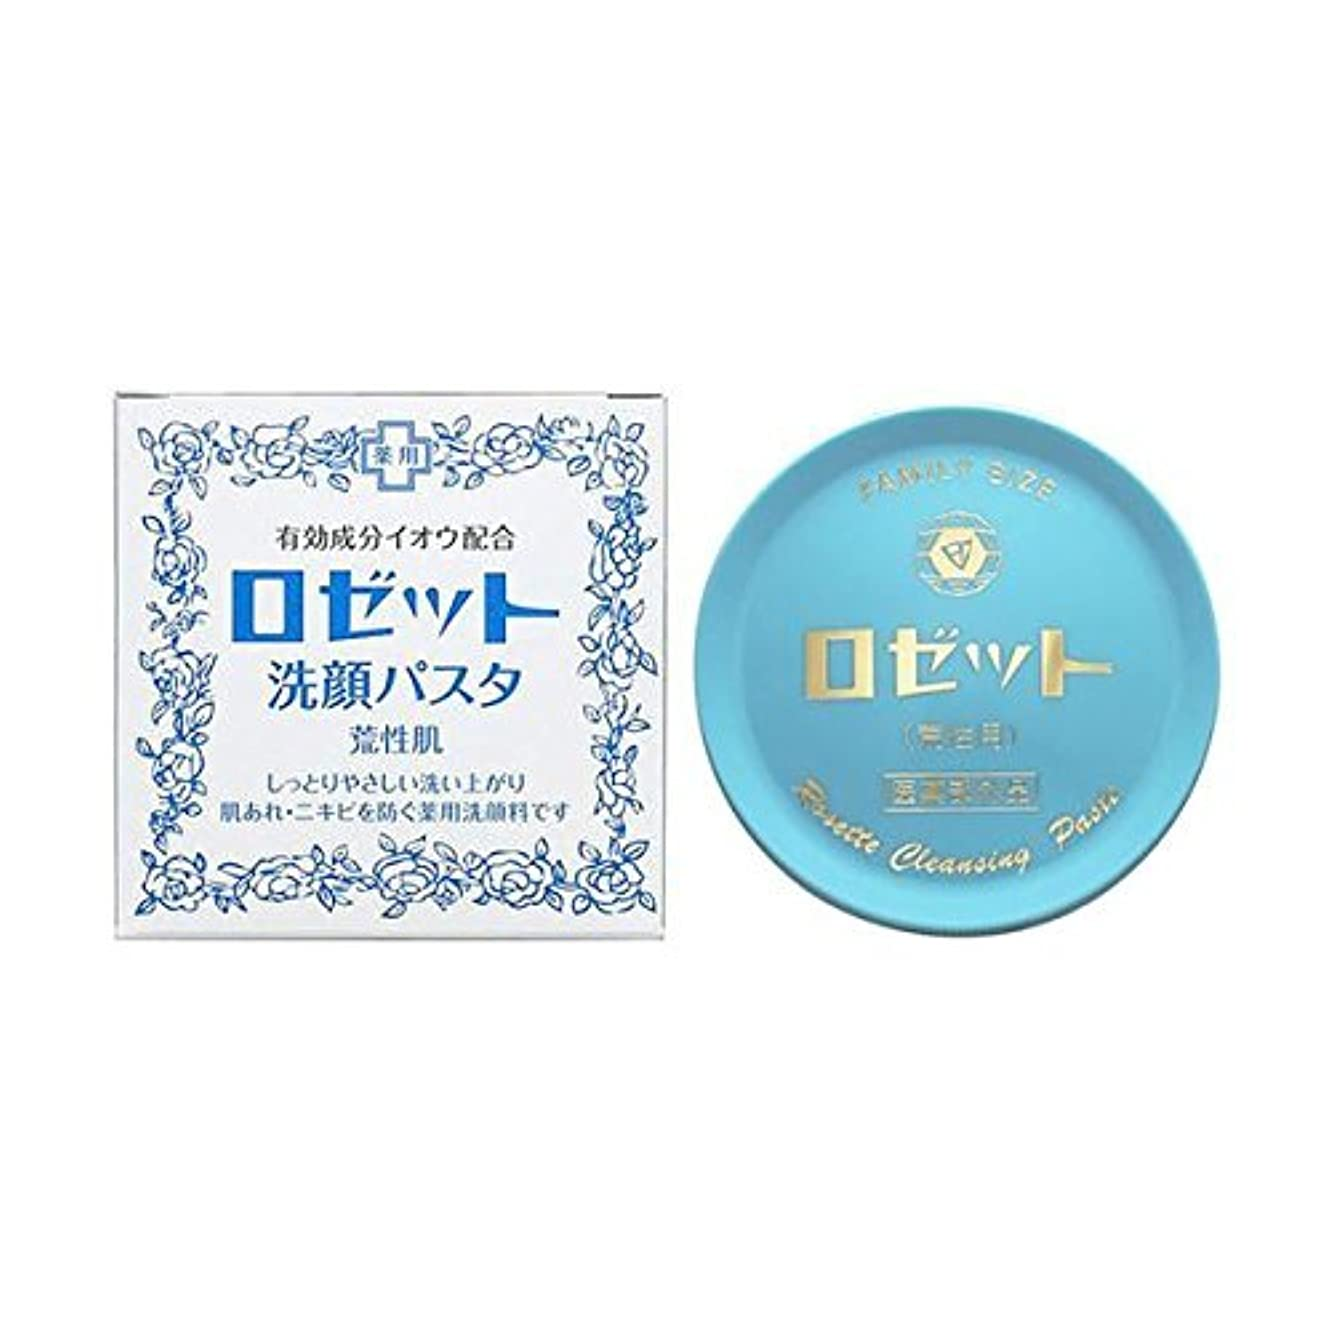 正気サーマルアスリート【お徳用 5 セット】 ロゼット 洗顔パスタ 荒性肌 90g×5セット